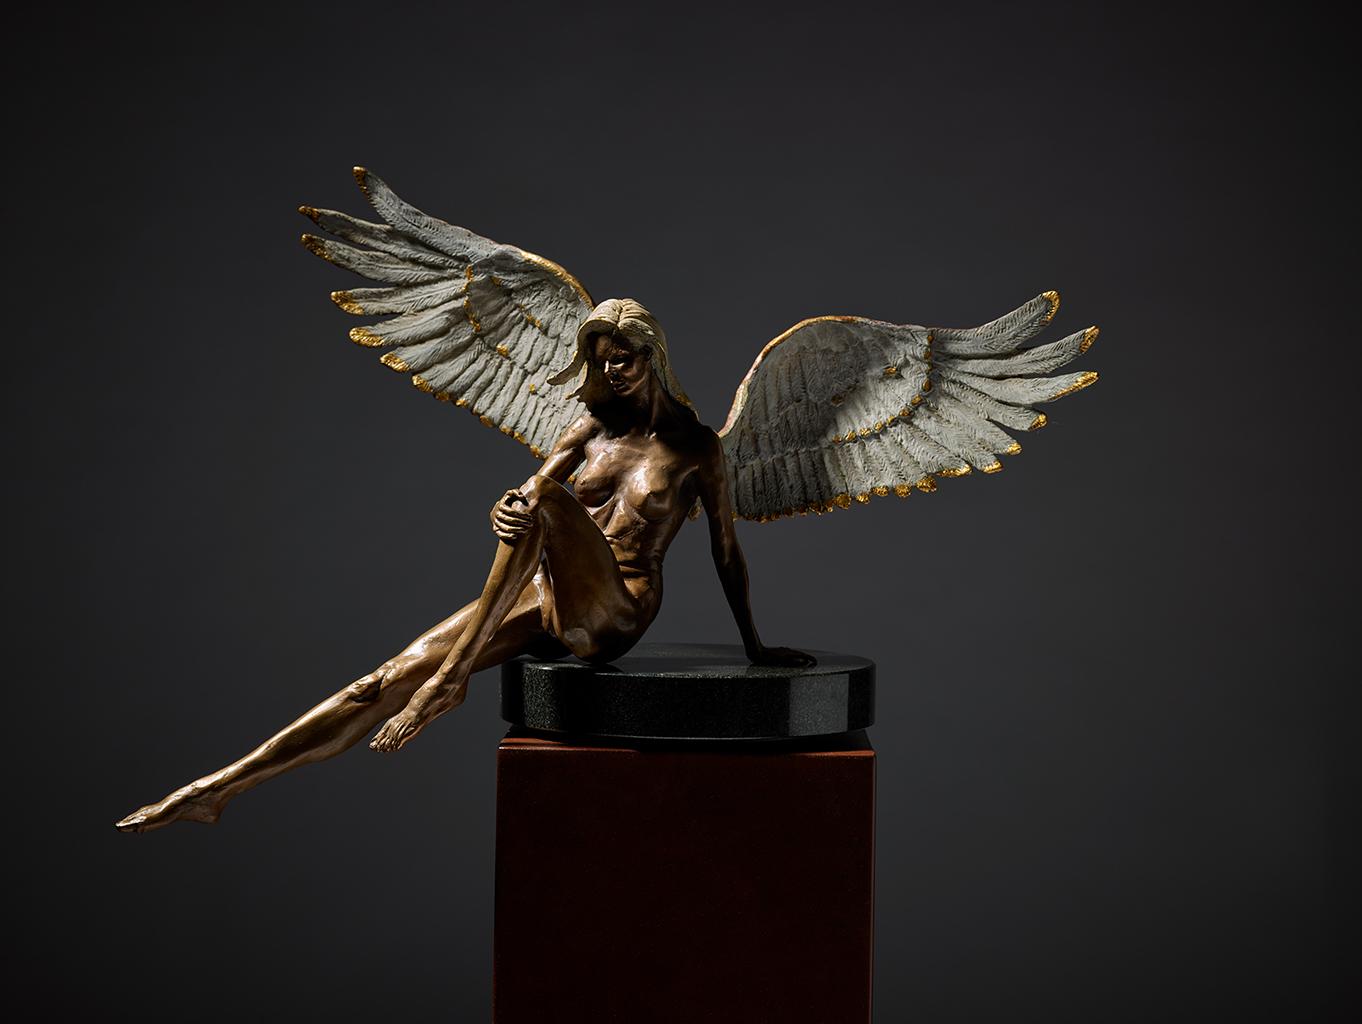 fallen angel edwards_1711_010.jpg